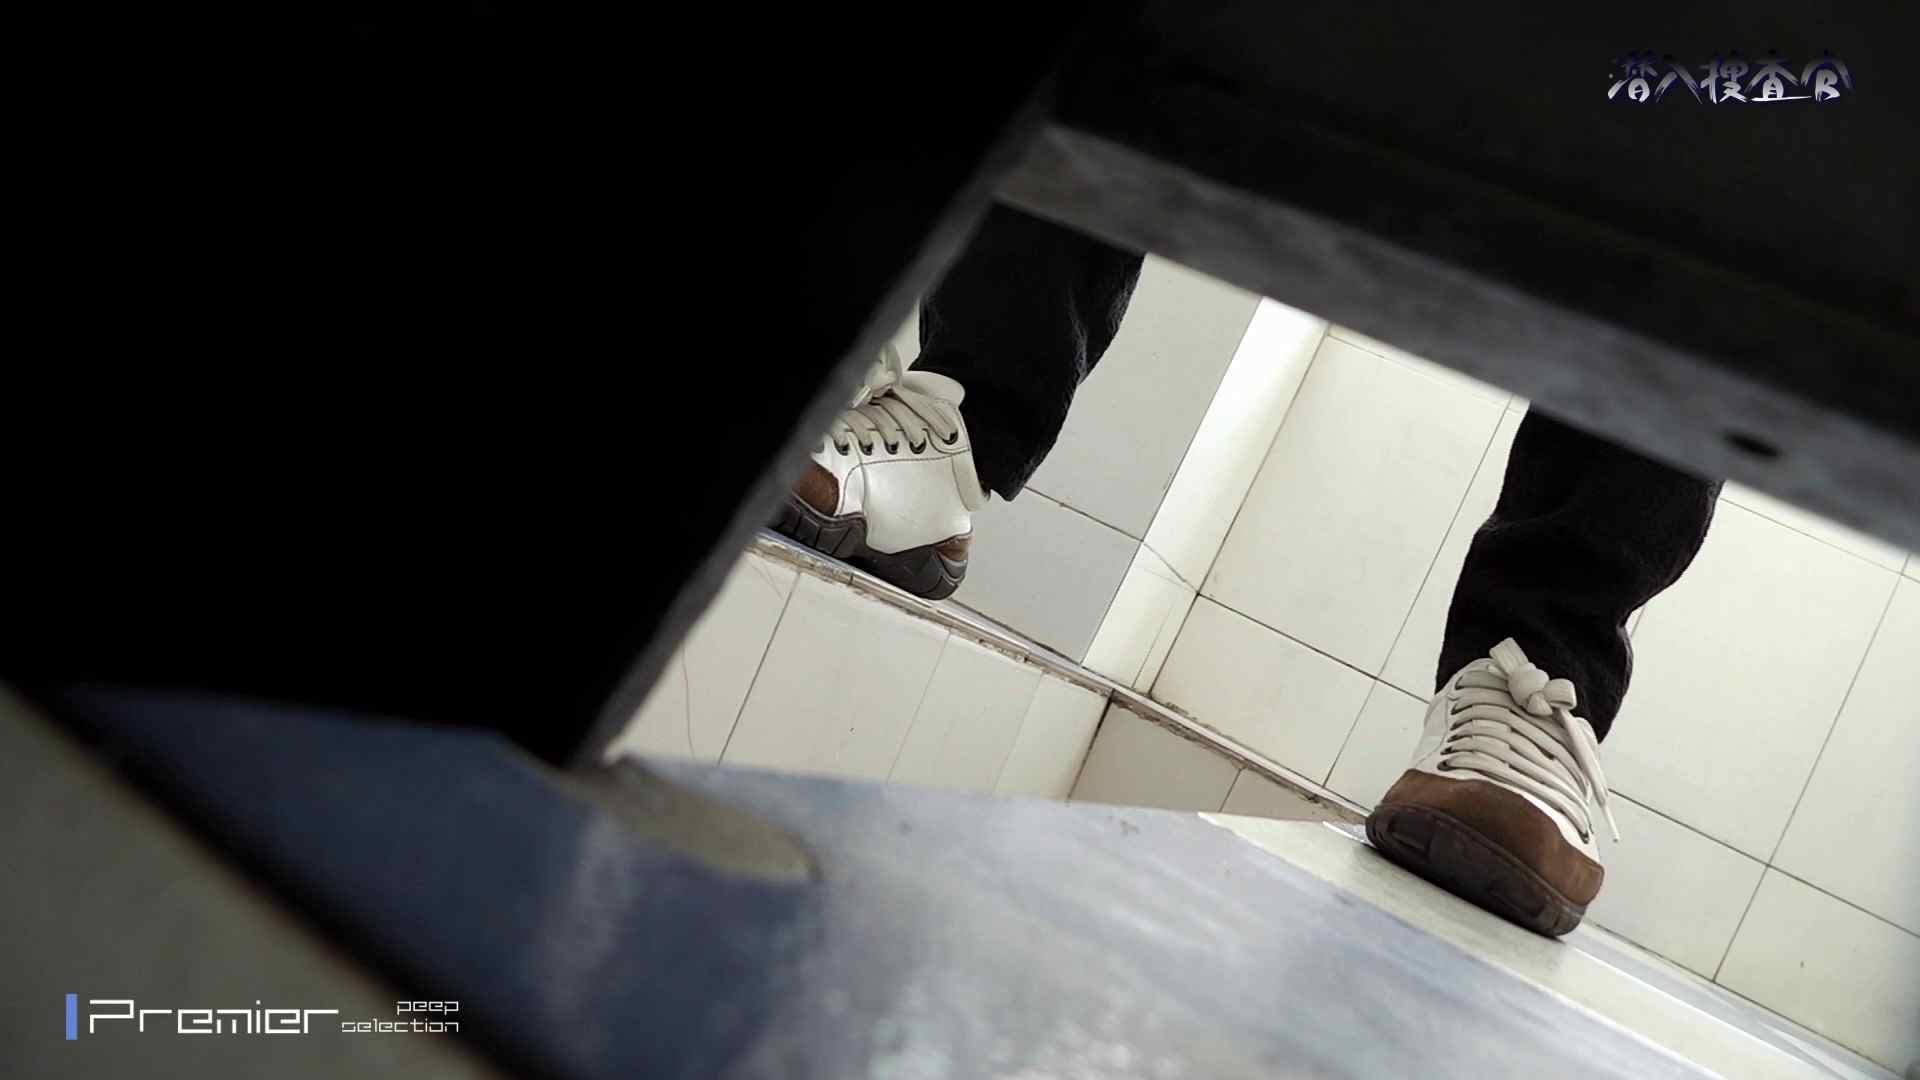 アダルトエロ動画 なんだこれ!29 わざと扉を破壊いい風景を撮れました。 怪盗ジョーカー